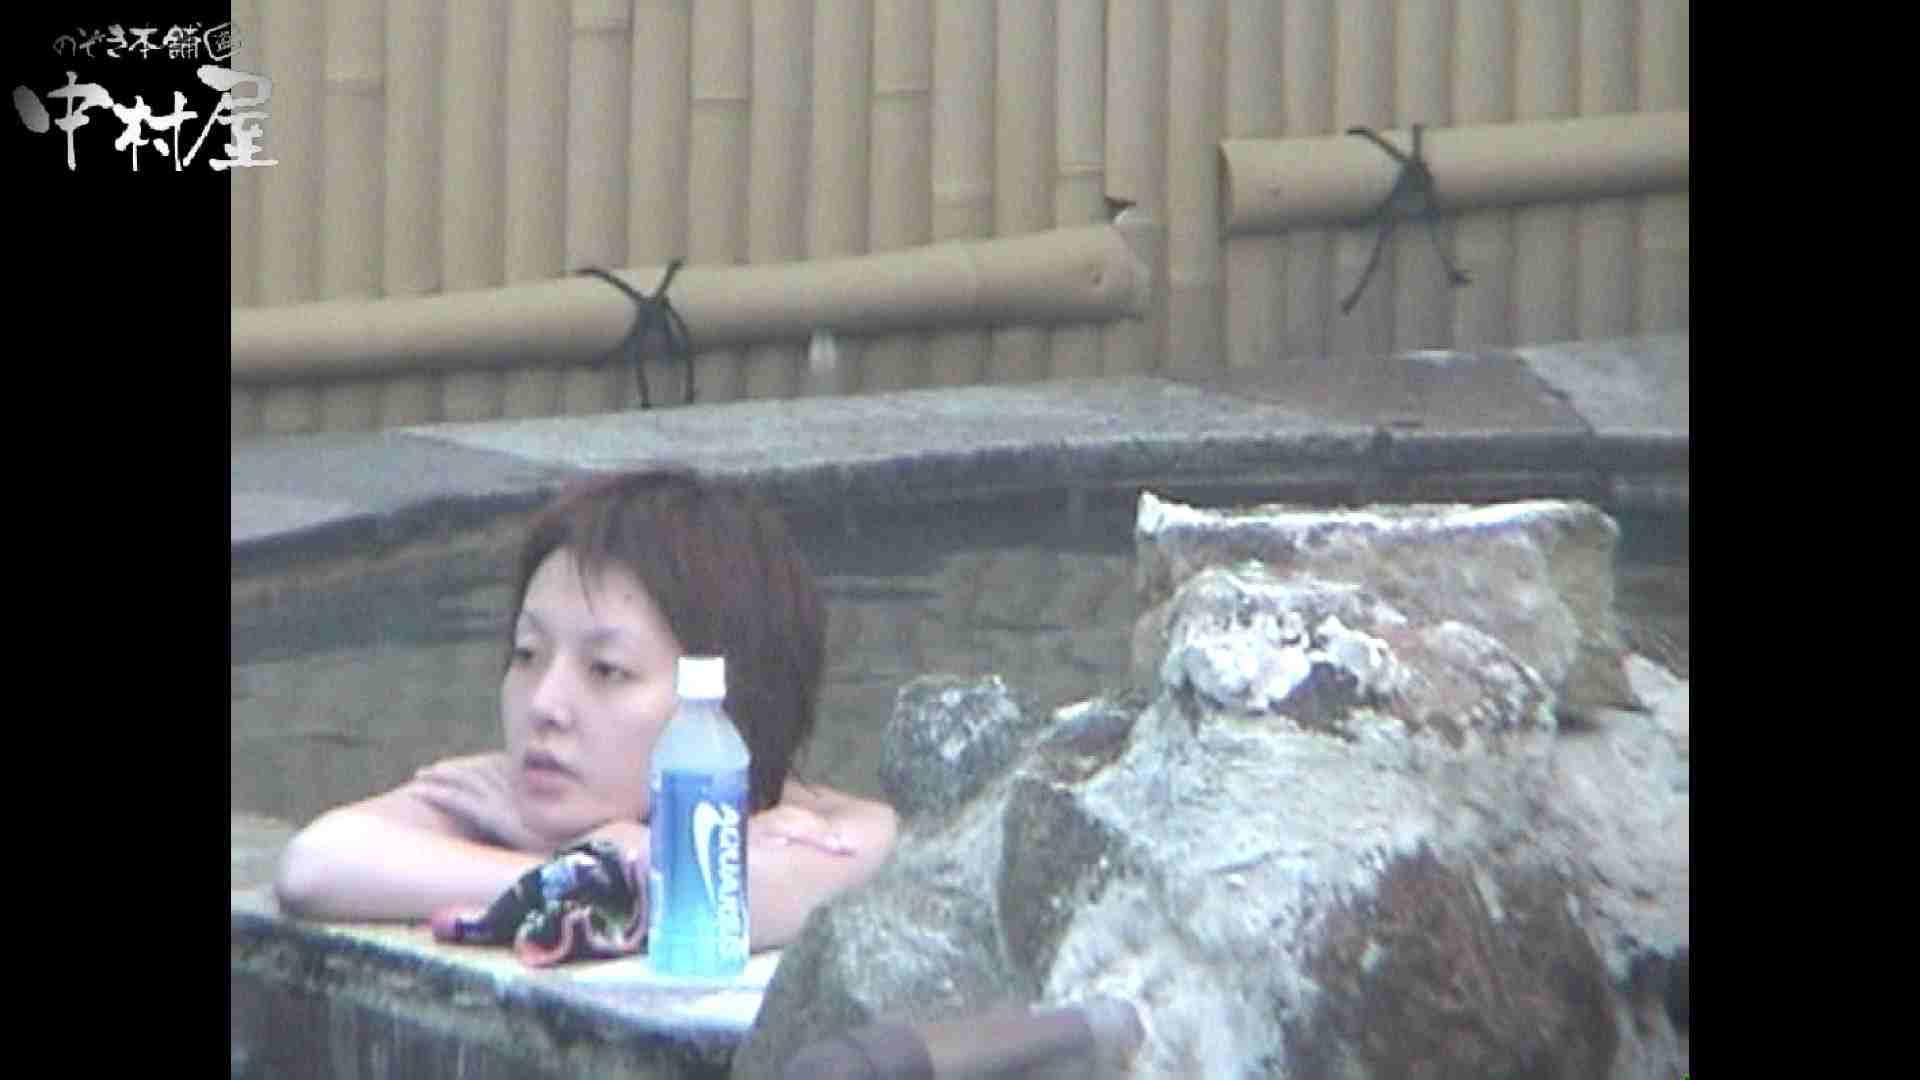 Aquaな露天風呂Vol.959 盗撮 | 綺麗なOLたち  53枚 19